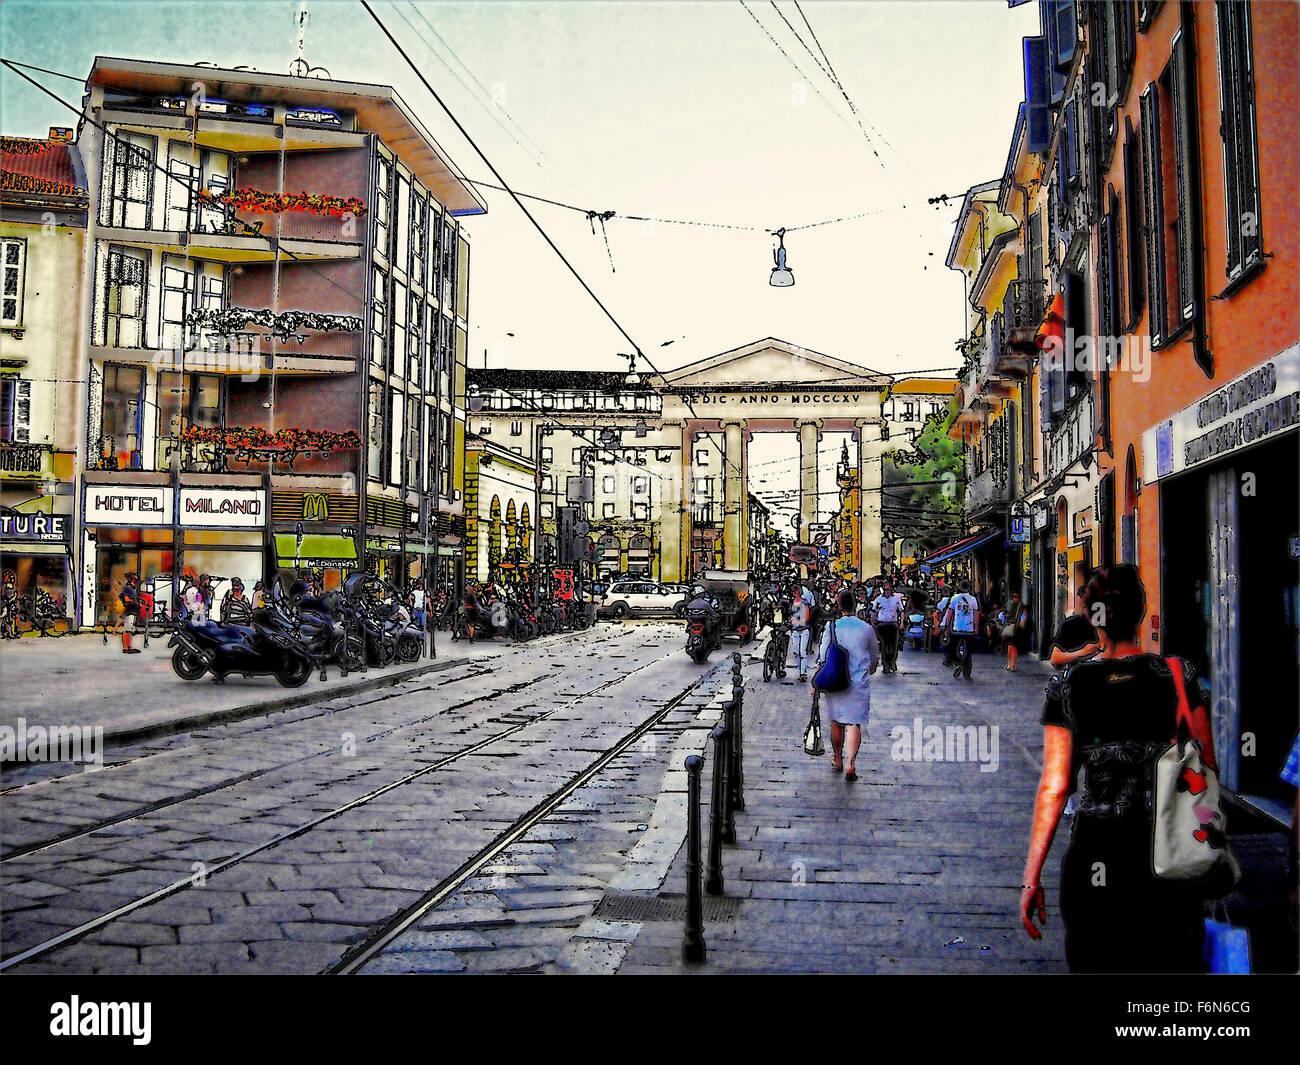 Milan Italy urban scene street view Stock Photo: 90205824 ...